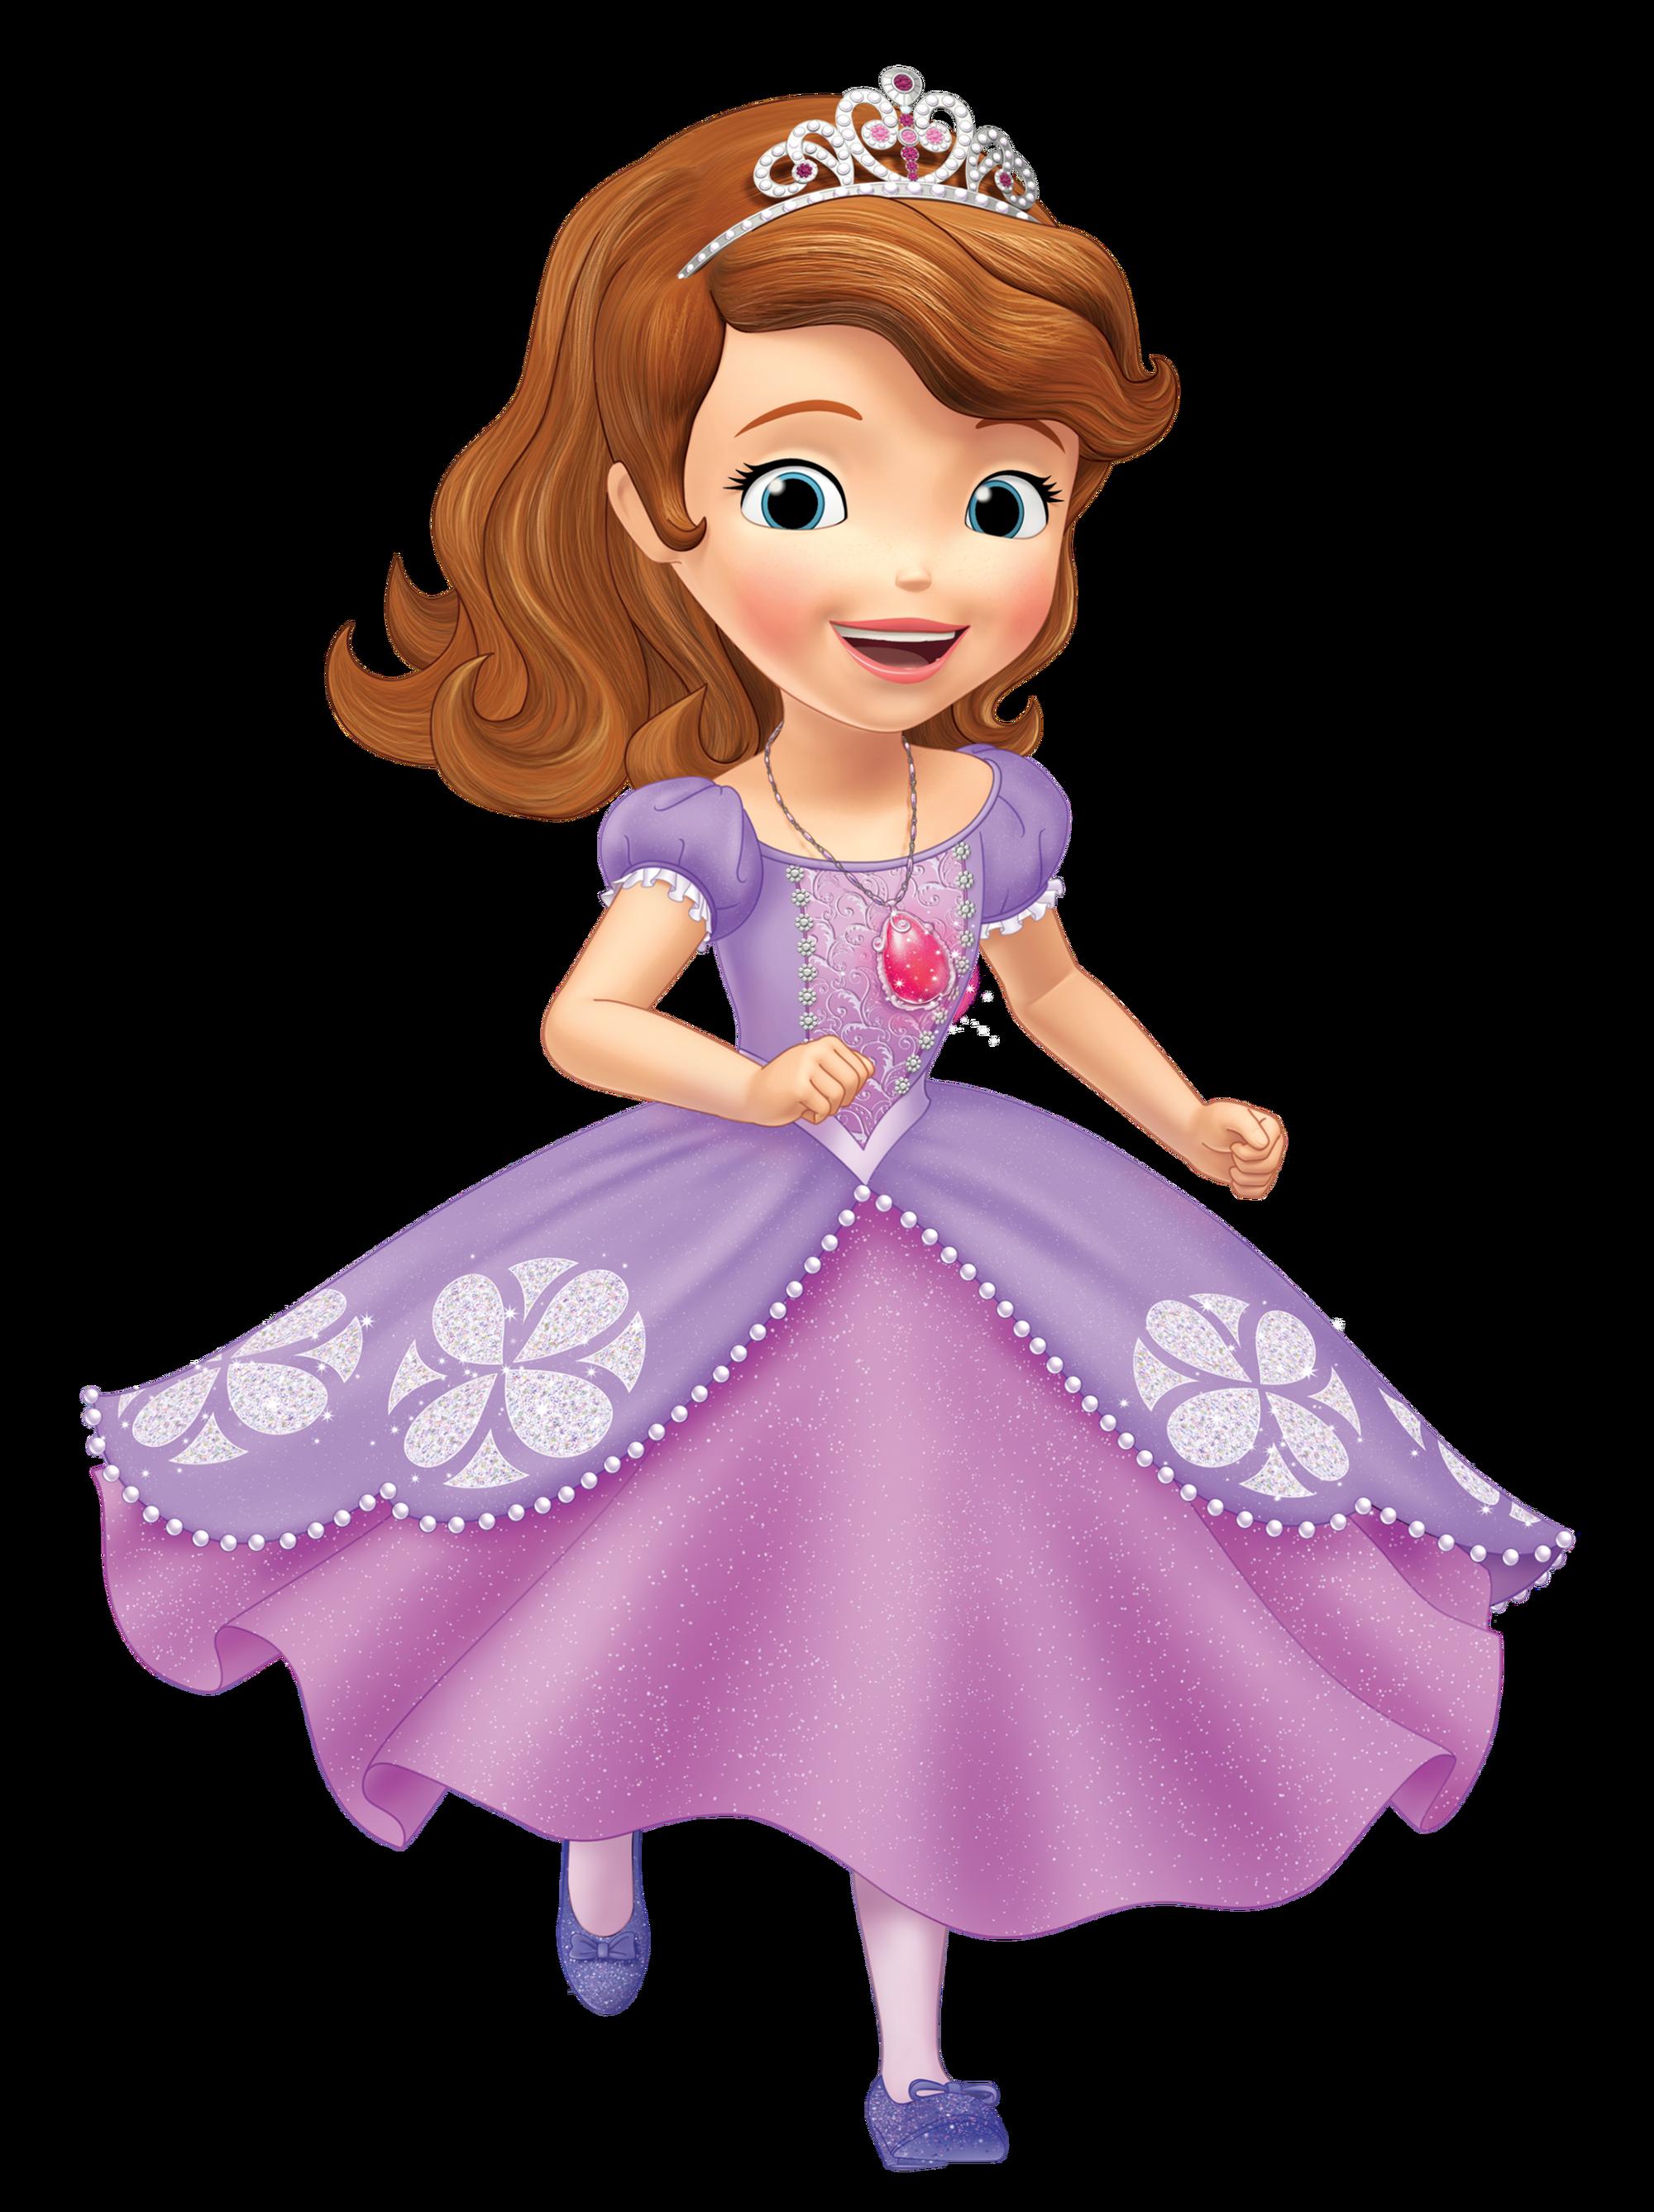 Sofia the First | Disney Wiki | FANDOM powered by Wikia